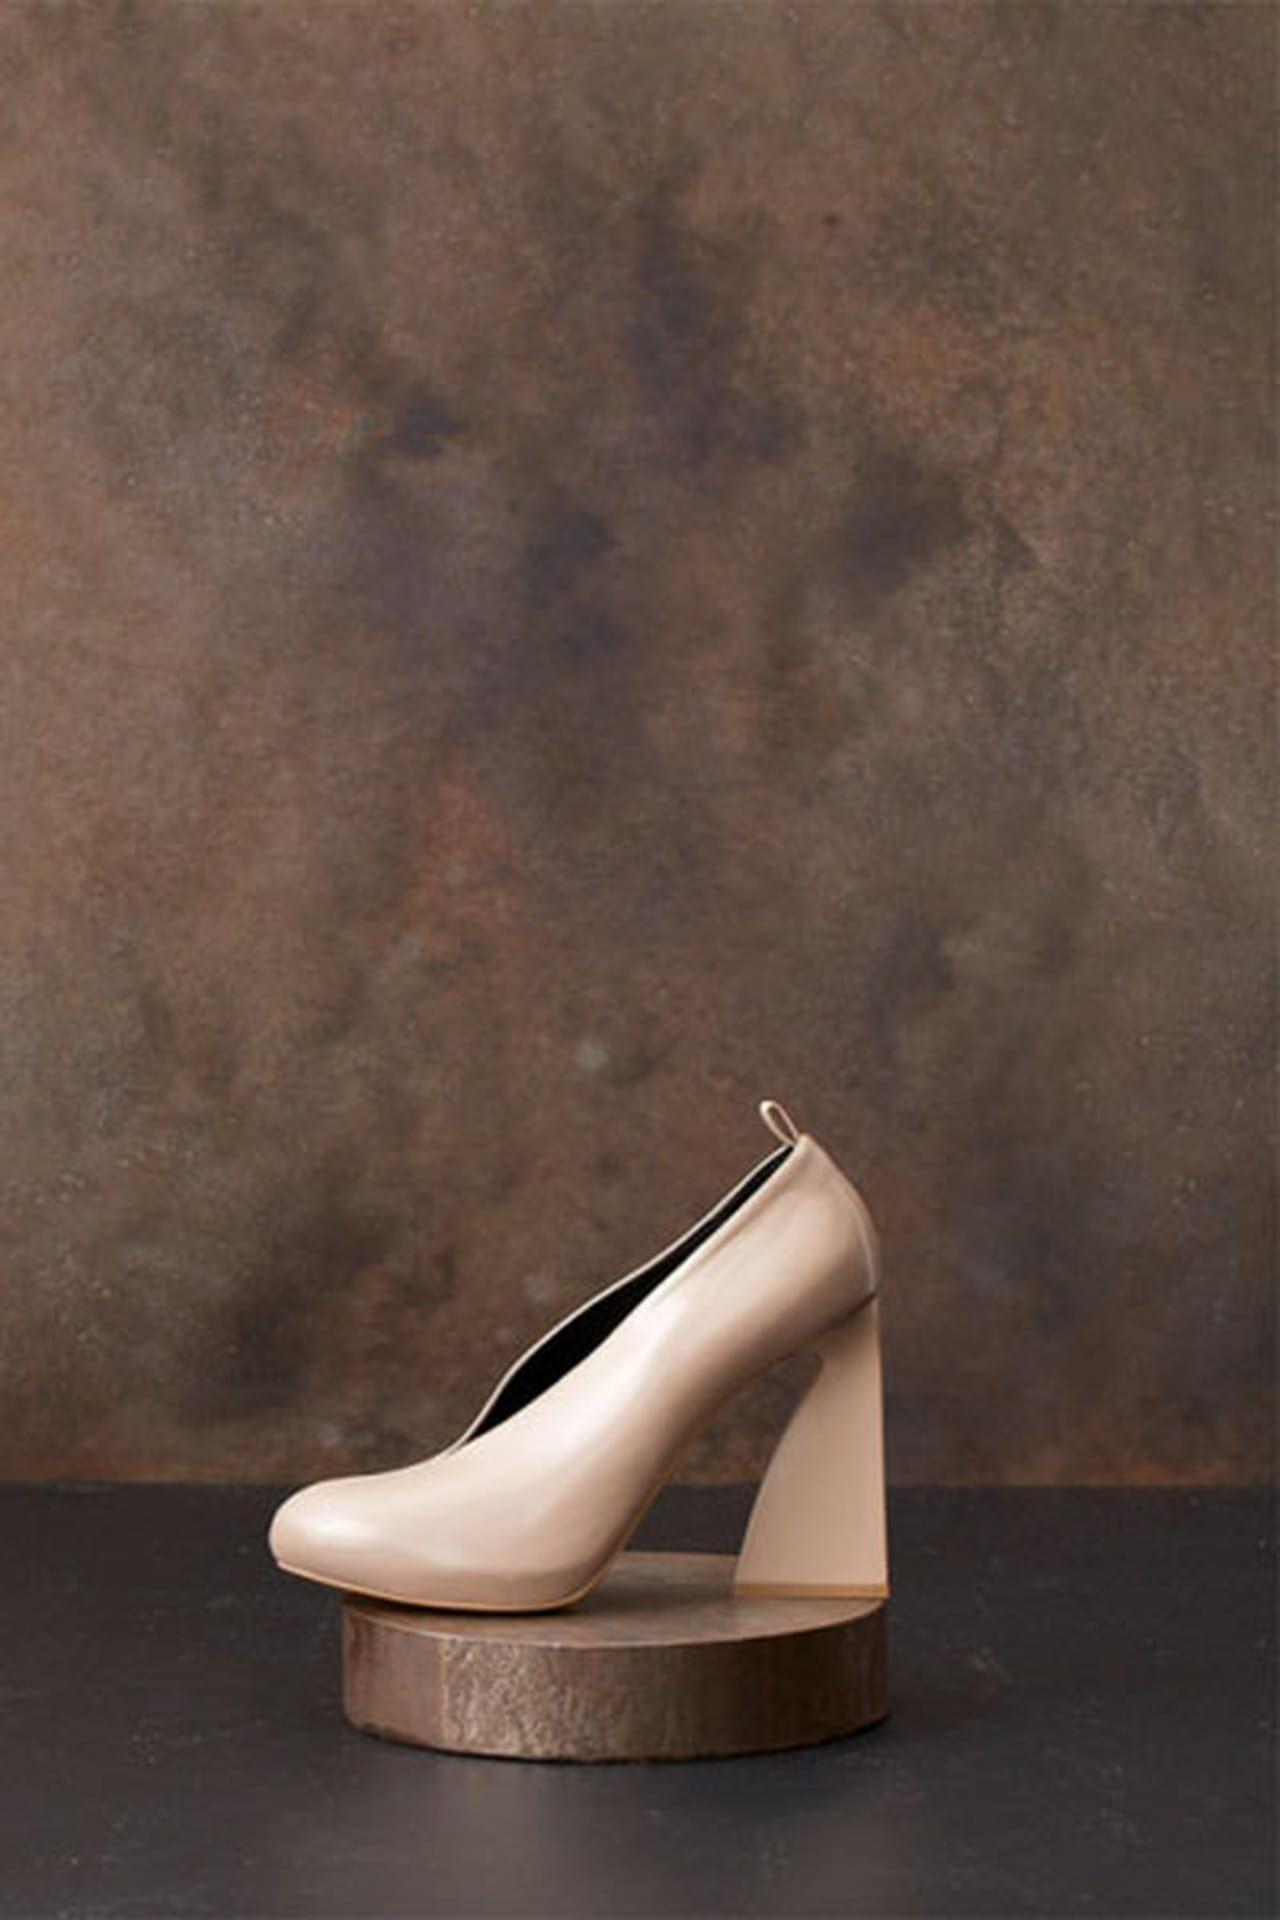 b5d02d44af4af حذاء وردي ناعم بكعب عالي من ستيلا مكارتني.